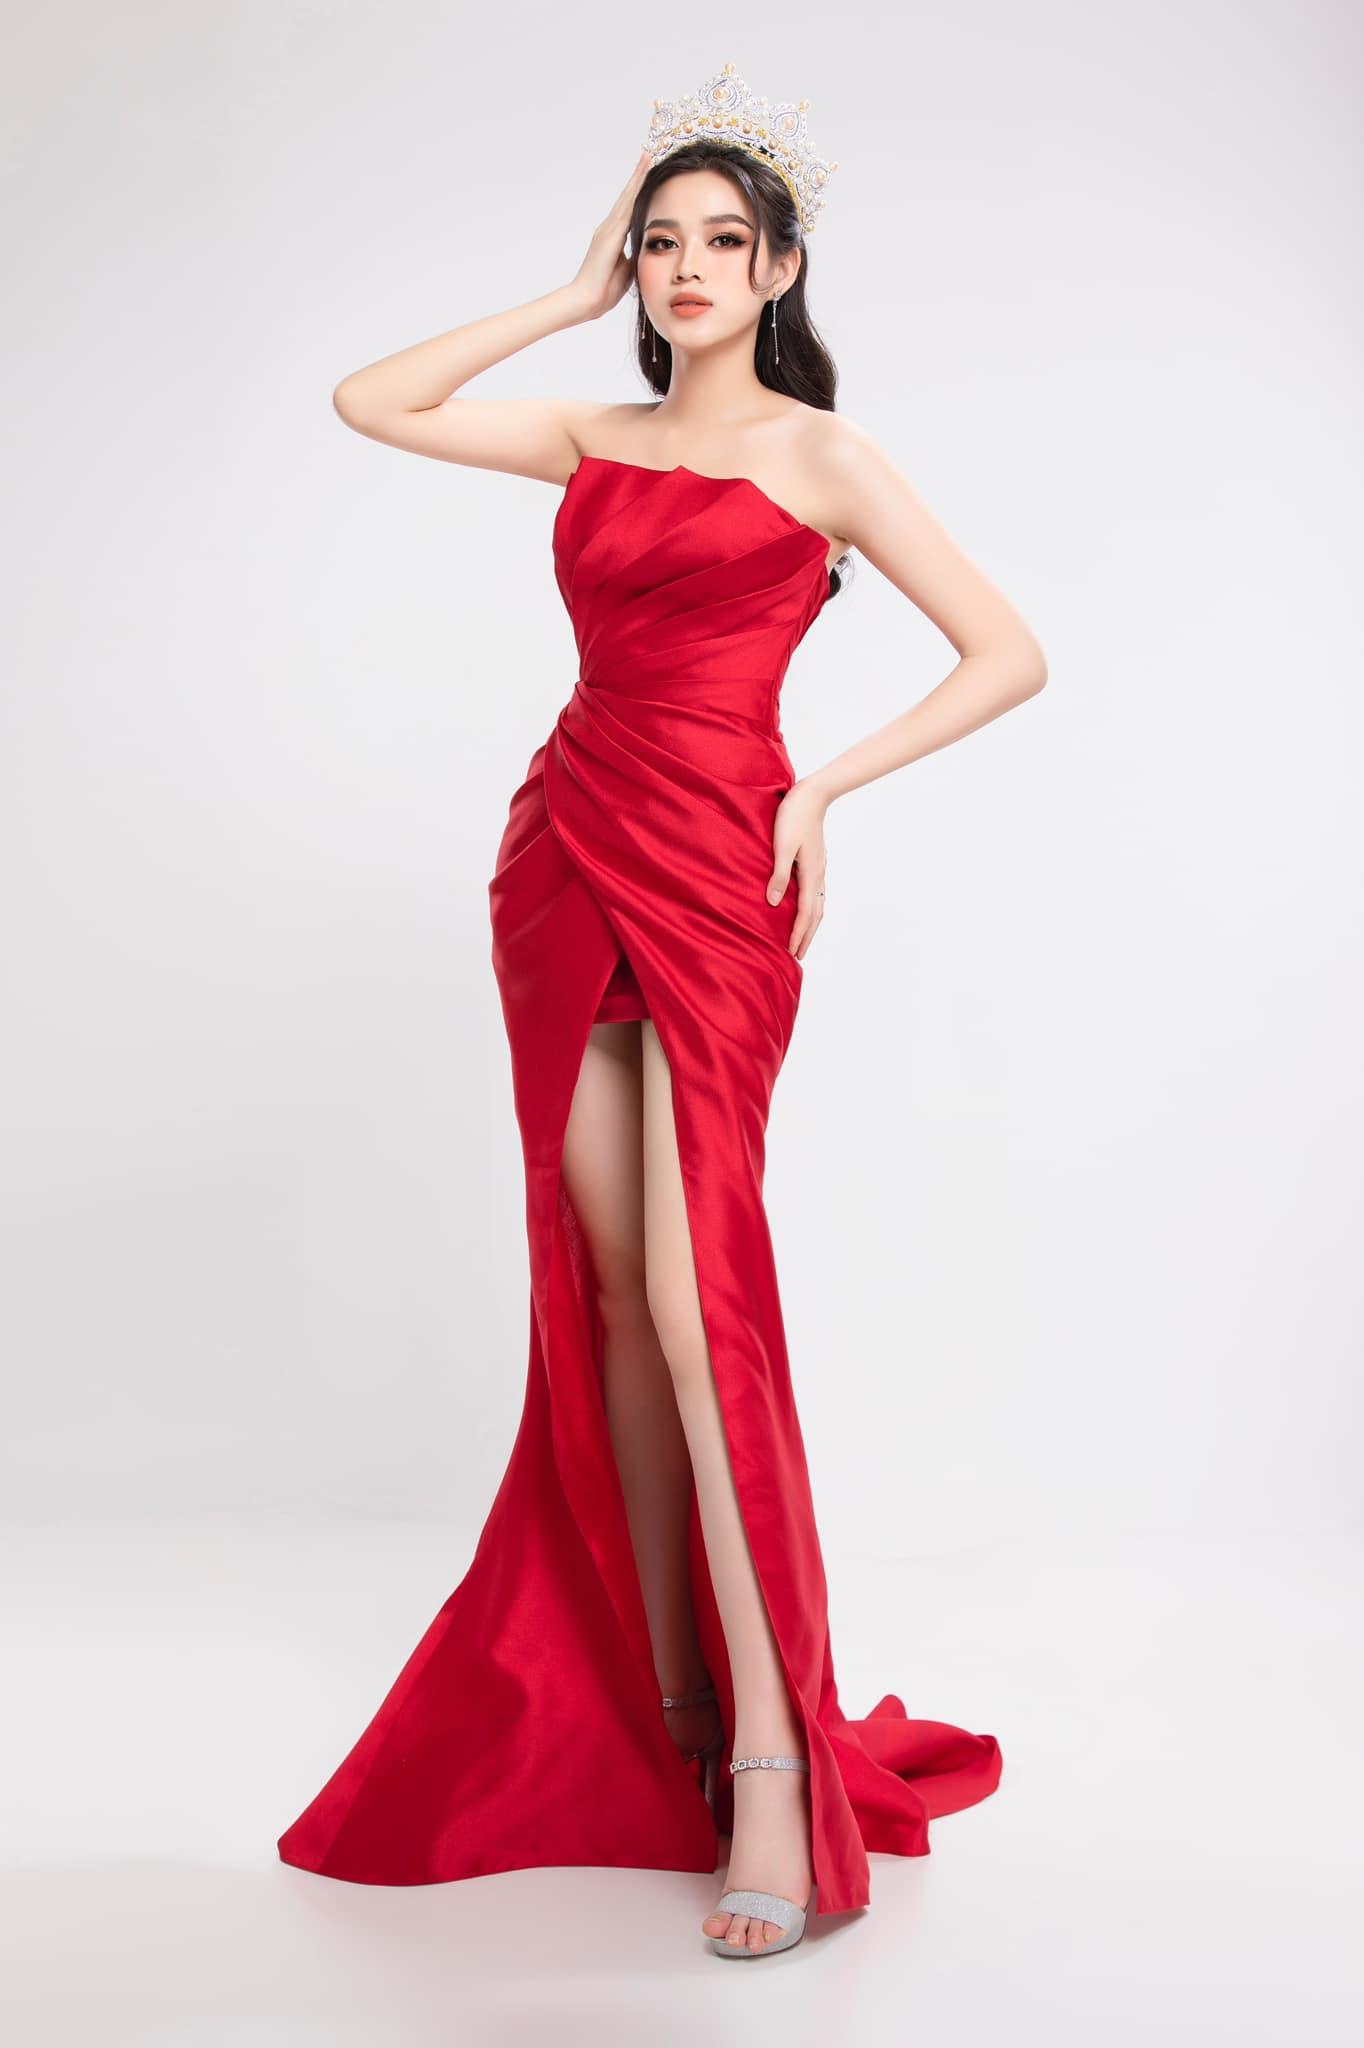 Nhiều người khen ngợi sự tiến bộ của Đỗ Thị Hà so với các bộ ảnh gần đây. Khoác lên mình chiếc váy high low tôn đôi chân 1,11 m, Đỗ Thị Hà khoe được vóc dáng và thần thái thăng hạng. Các khán giả nhận xét, những chiếc váy đỏ rất phù hợp với vẻ đẹp của Hoa hậu Việt Nam 2020.